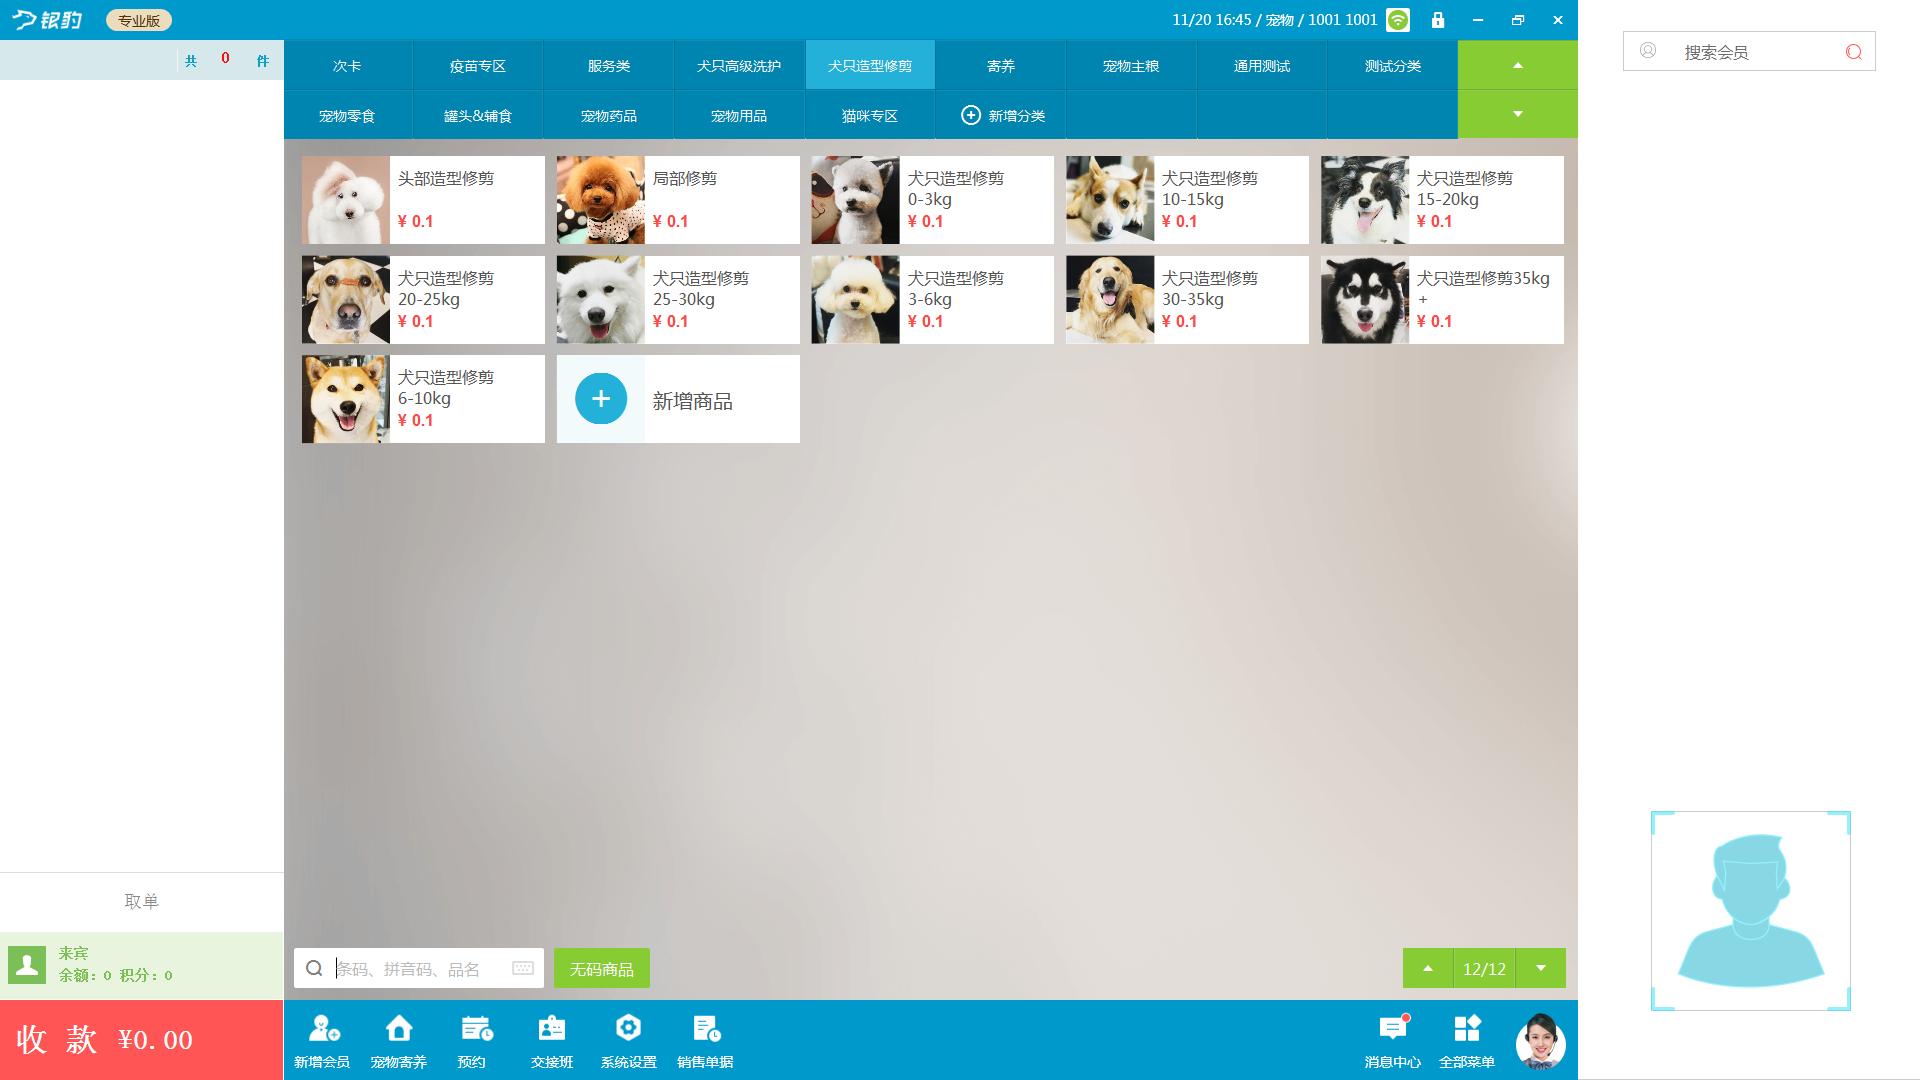 PC端各行业软件界面-银豹博客